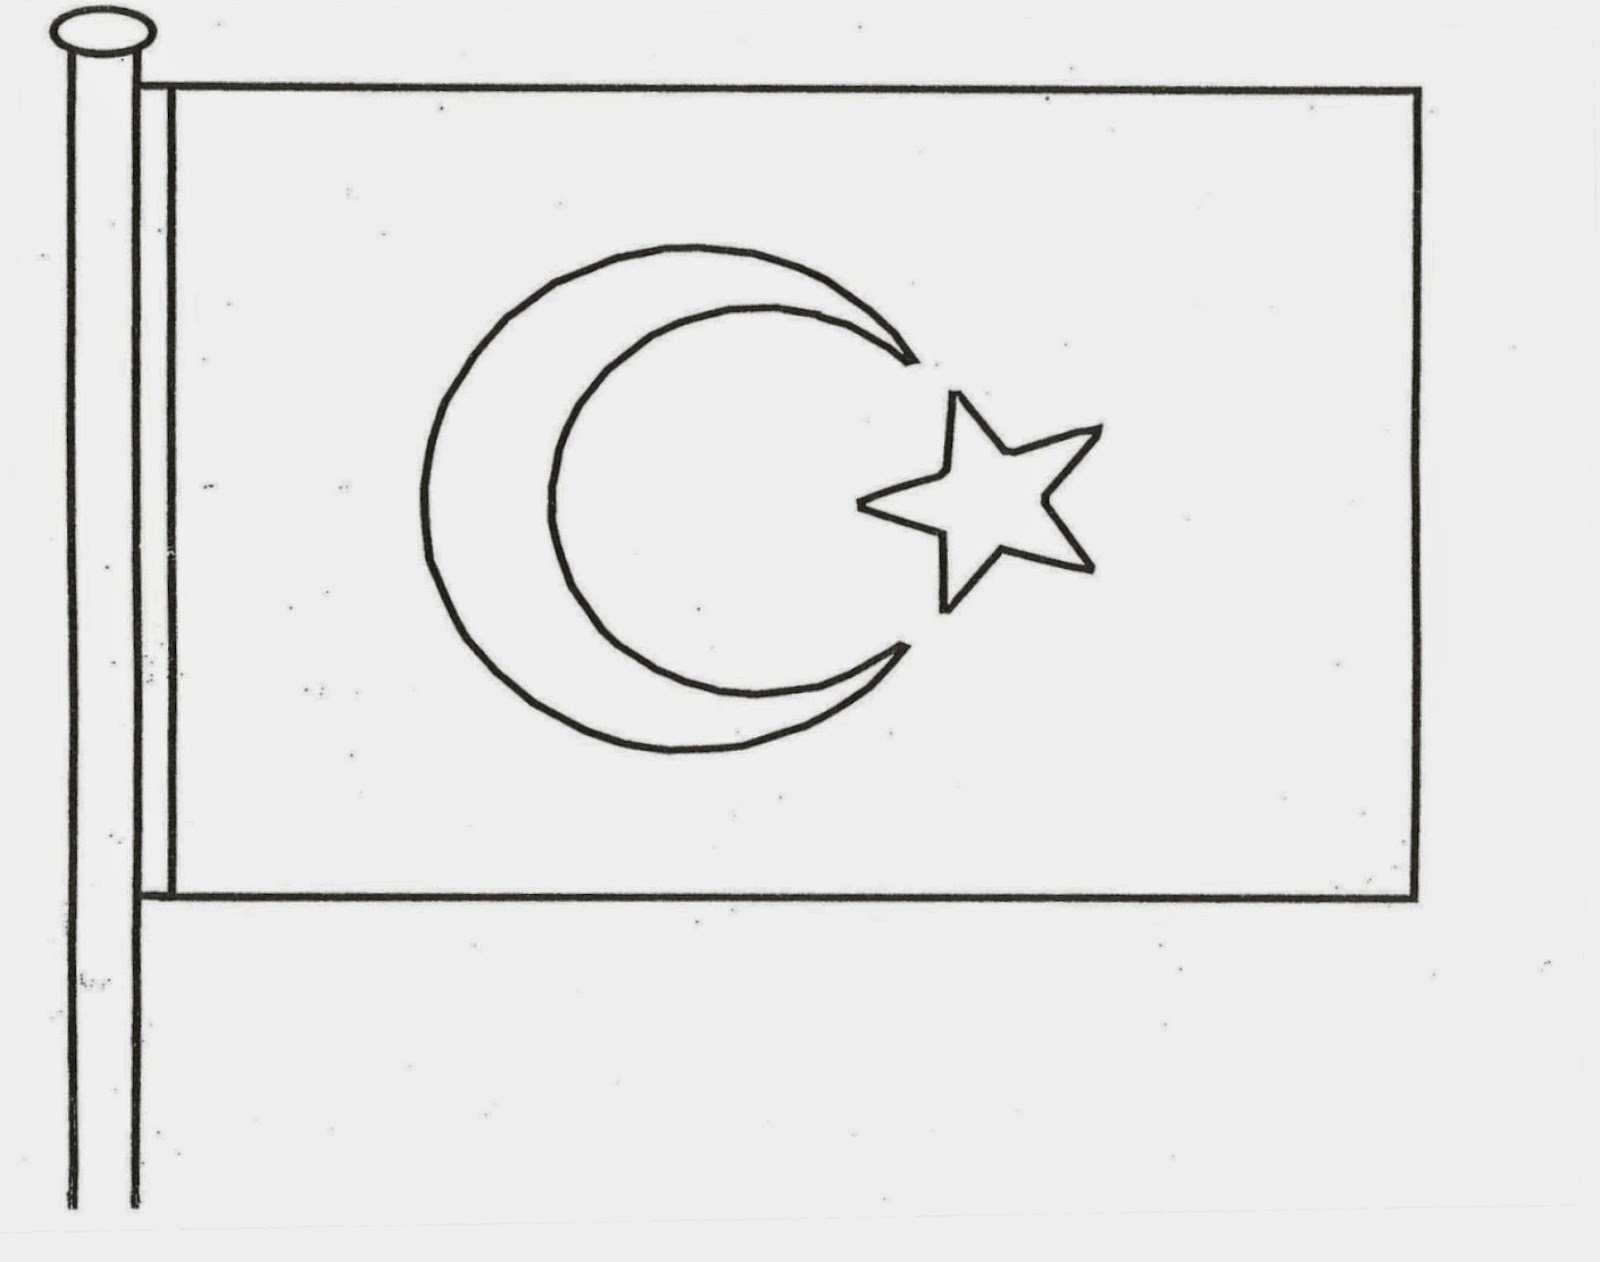 Turk Bayragi Boyama Resmi Güzel Sözler